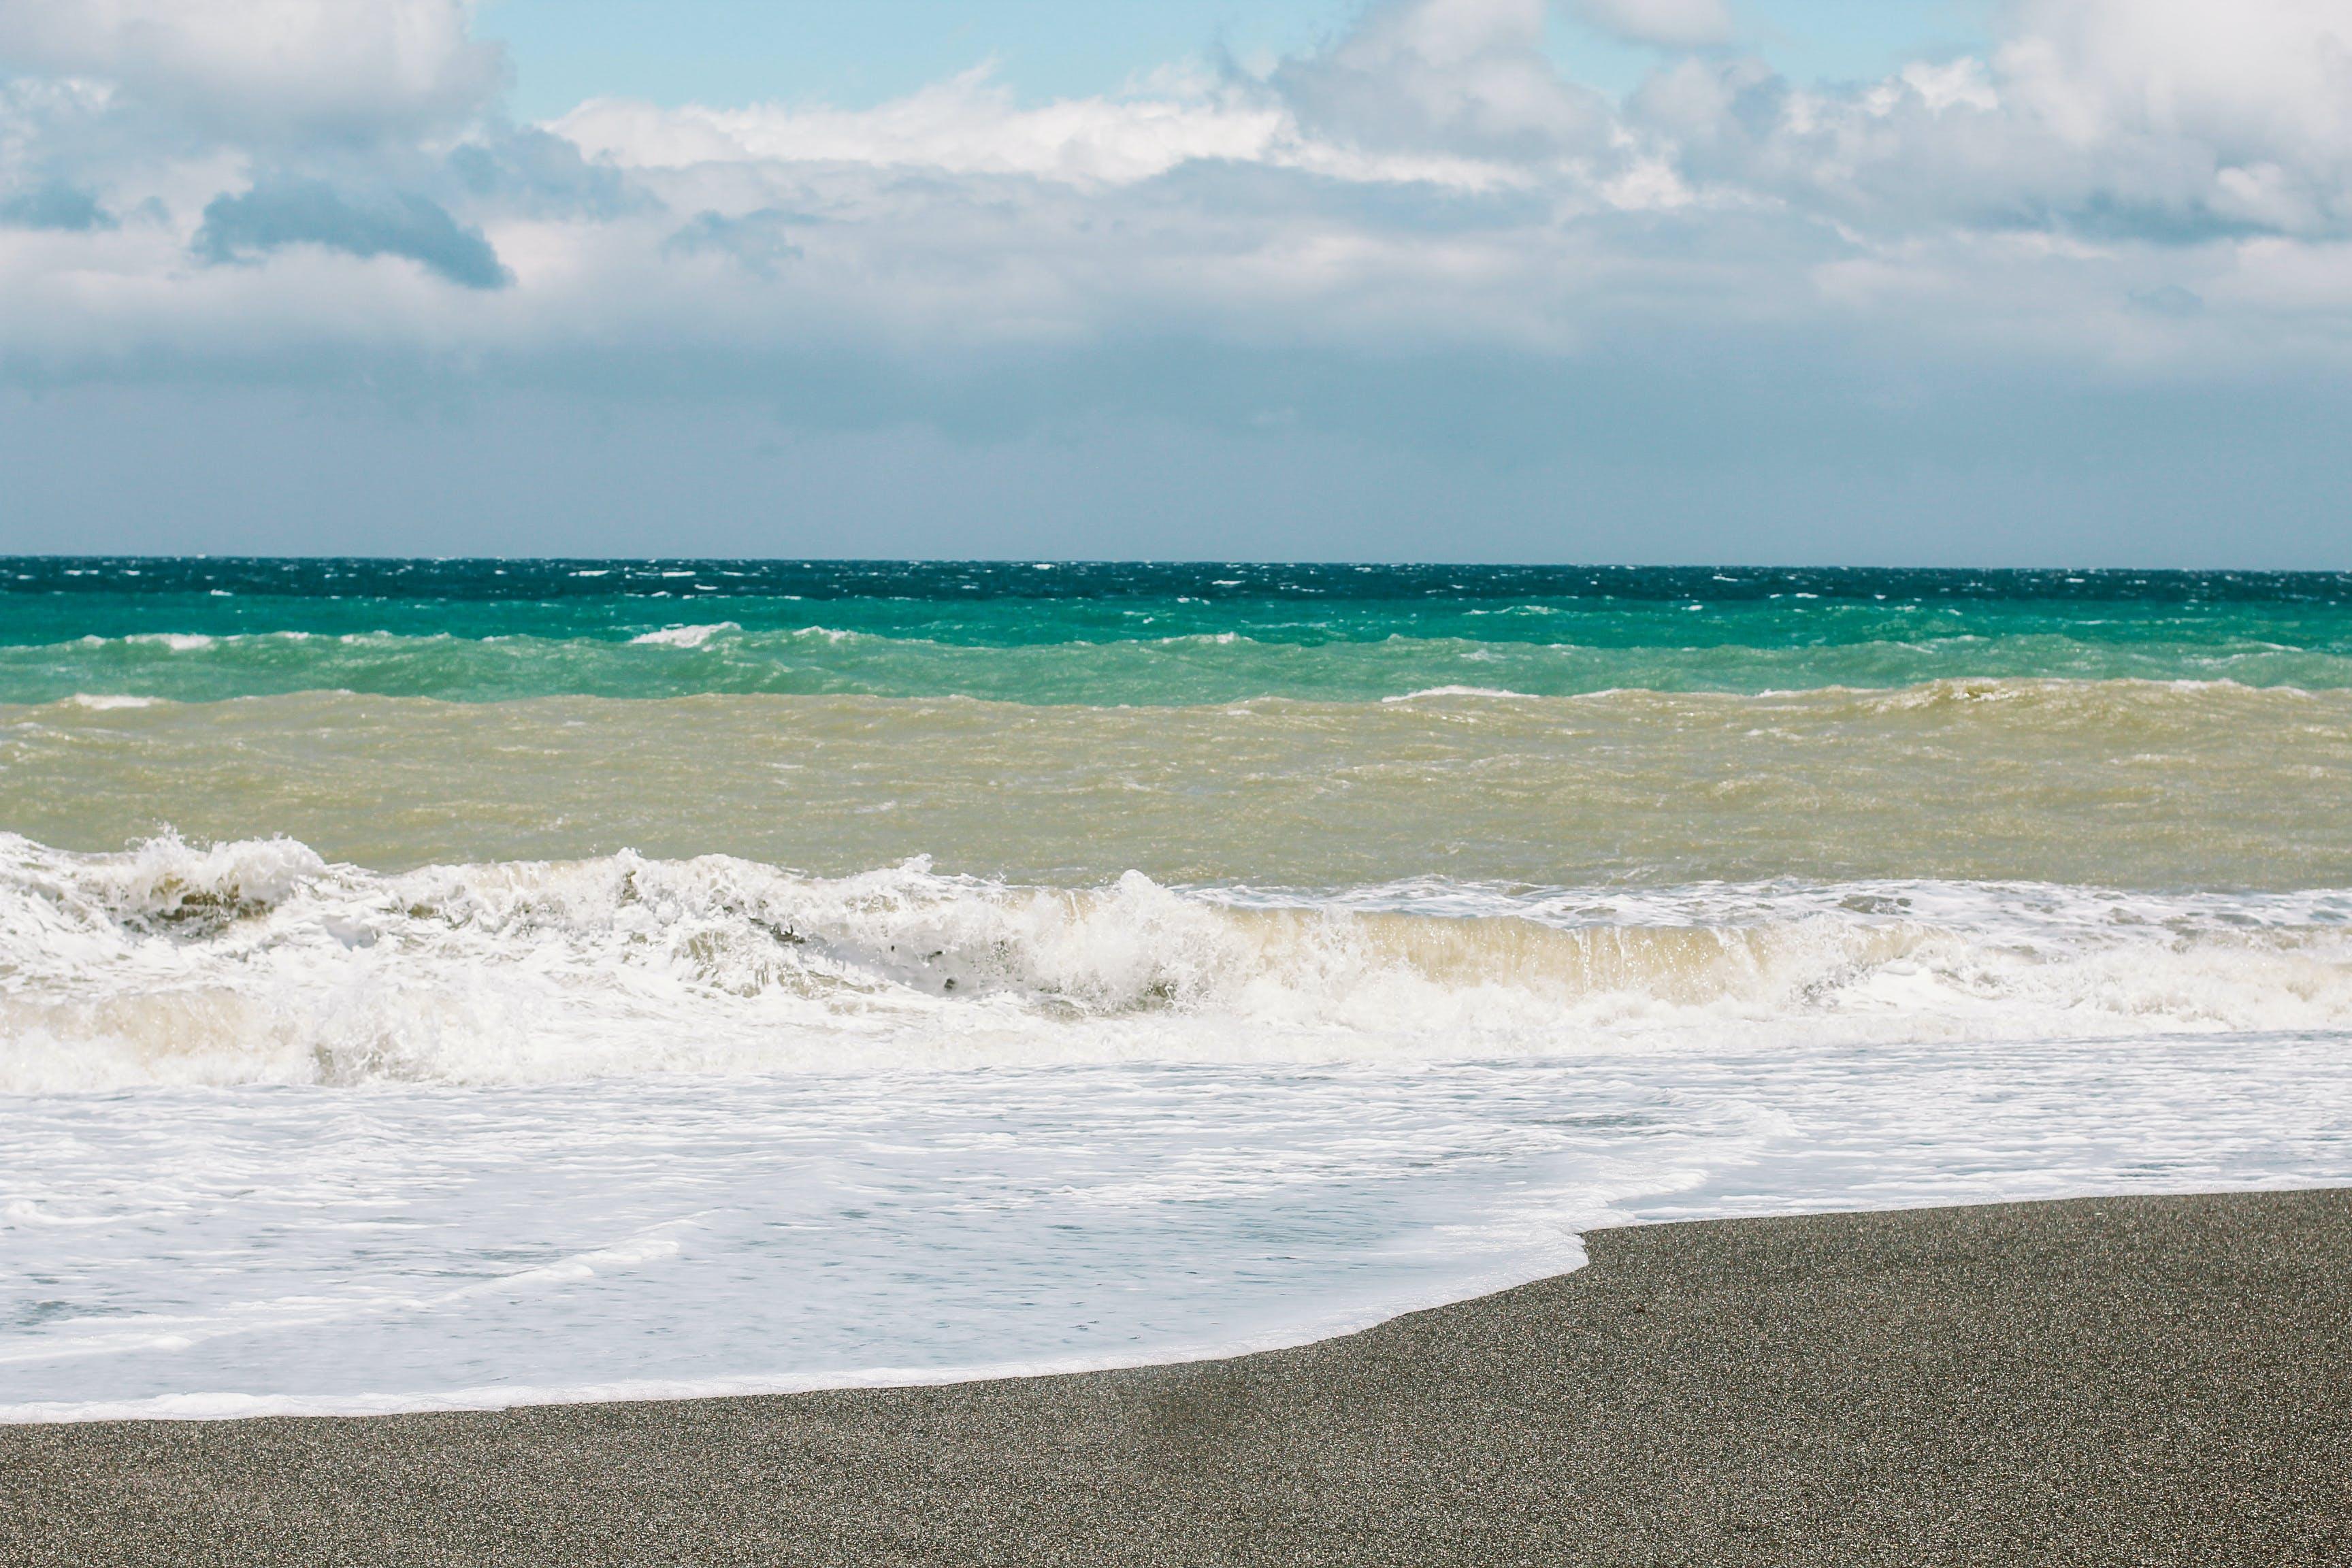 Δωρεάν στοκ φωτογραφιών με ακτή, γνέφω, παραλία